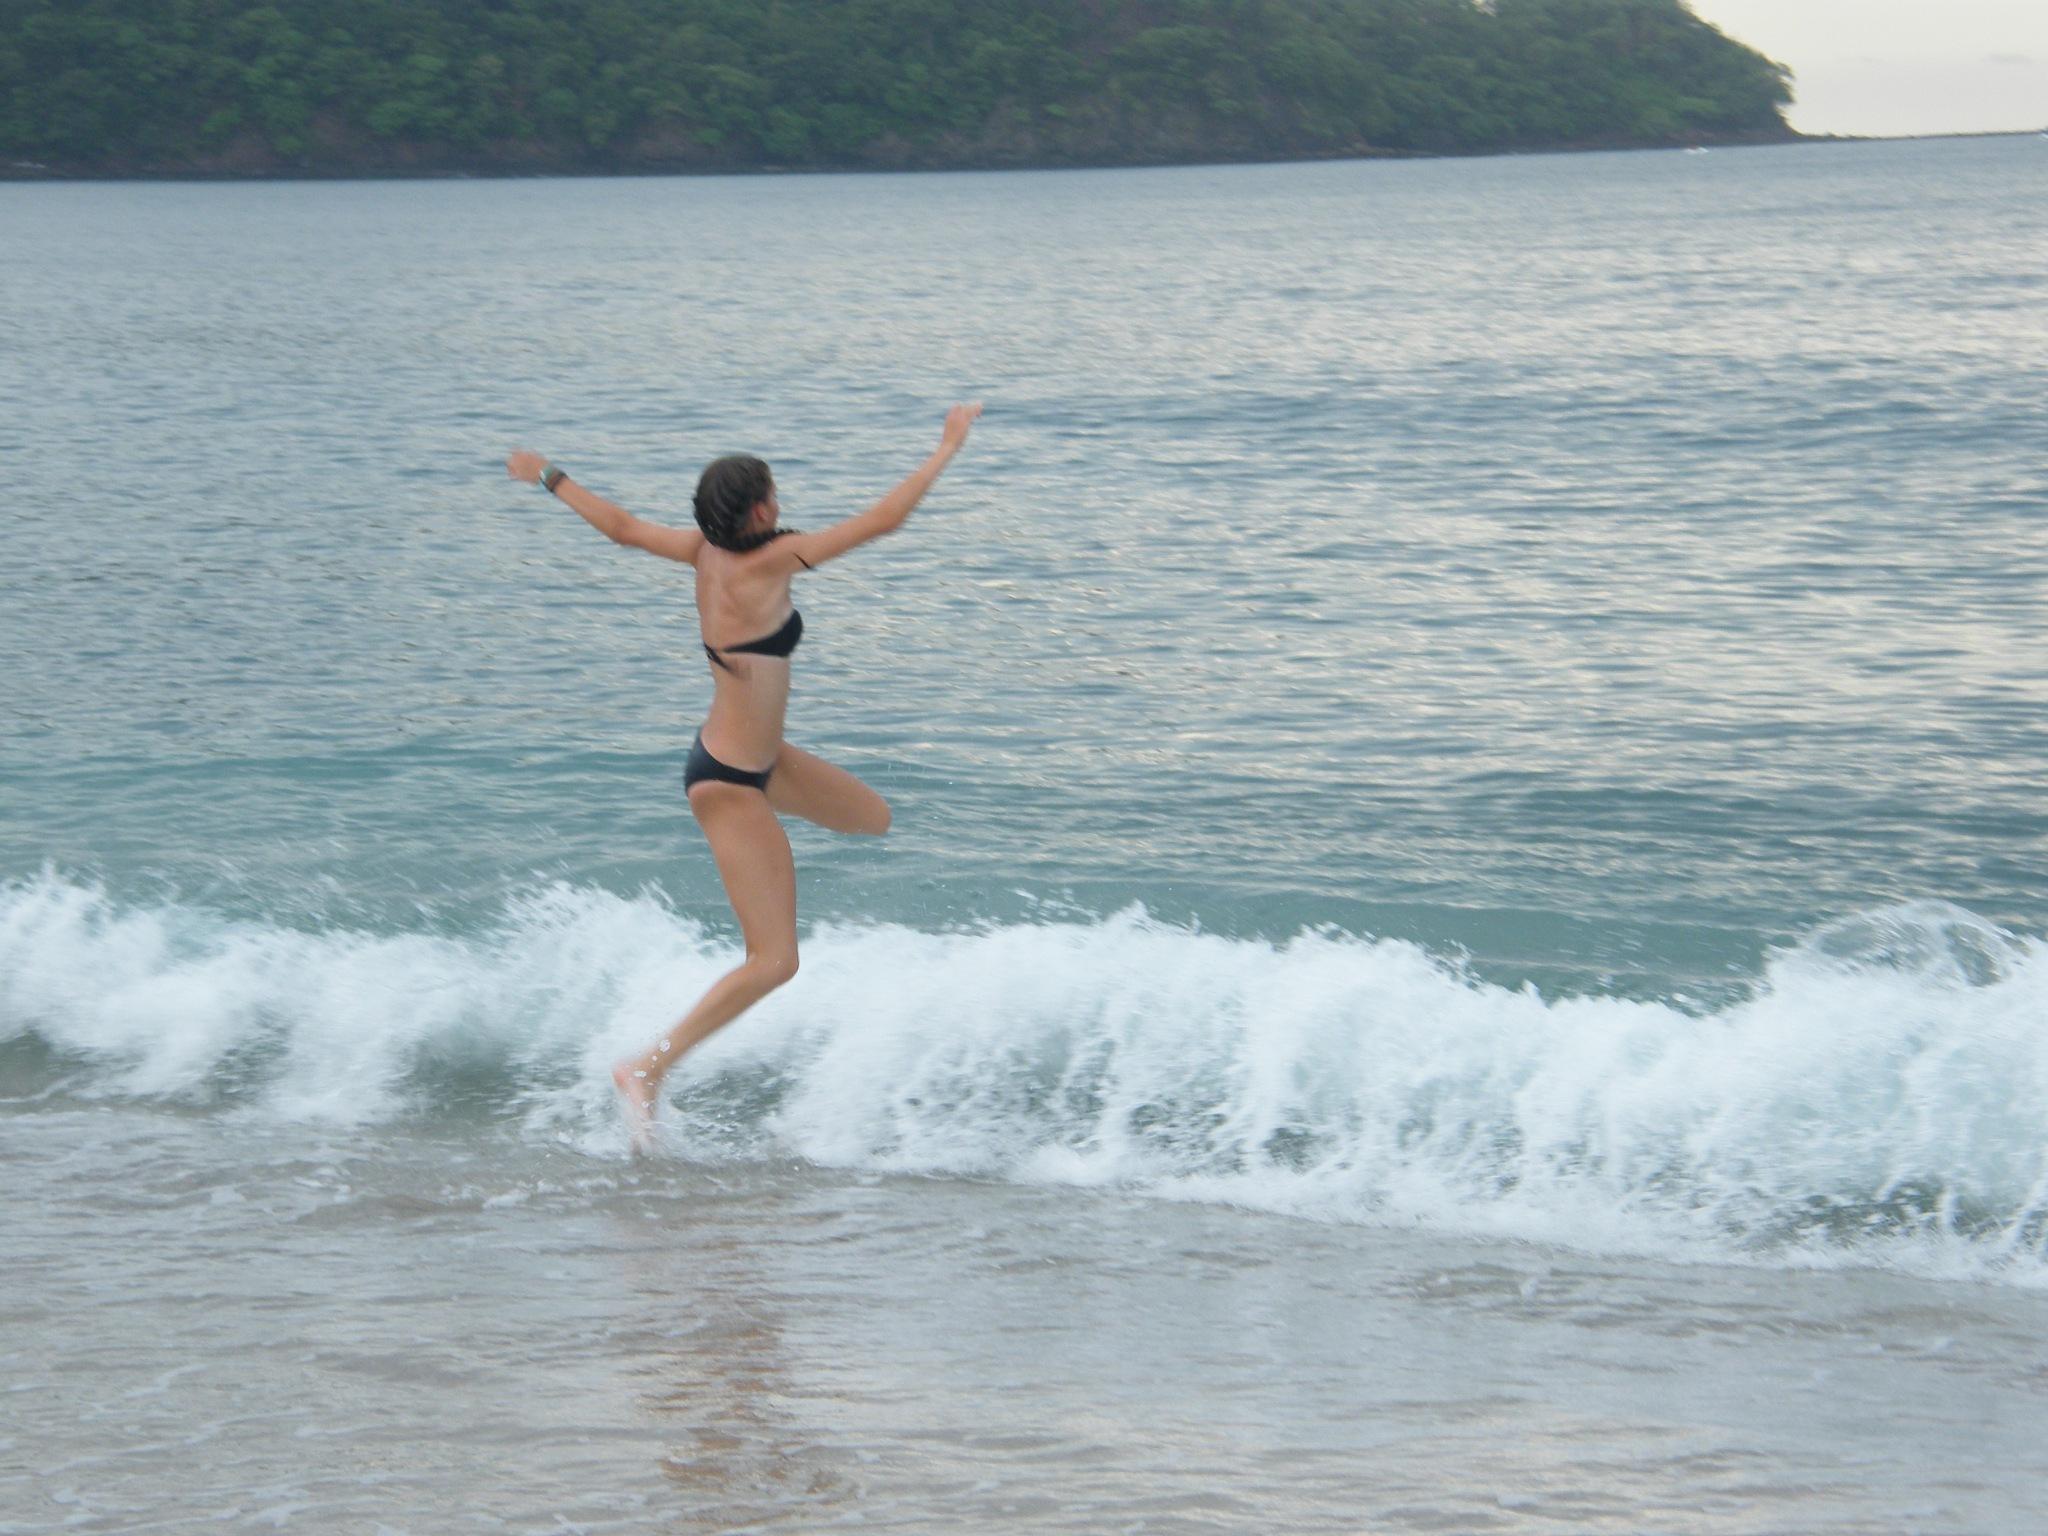 jumpin waves by Joycelyn Scott